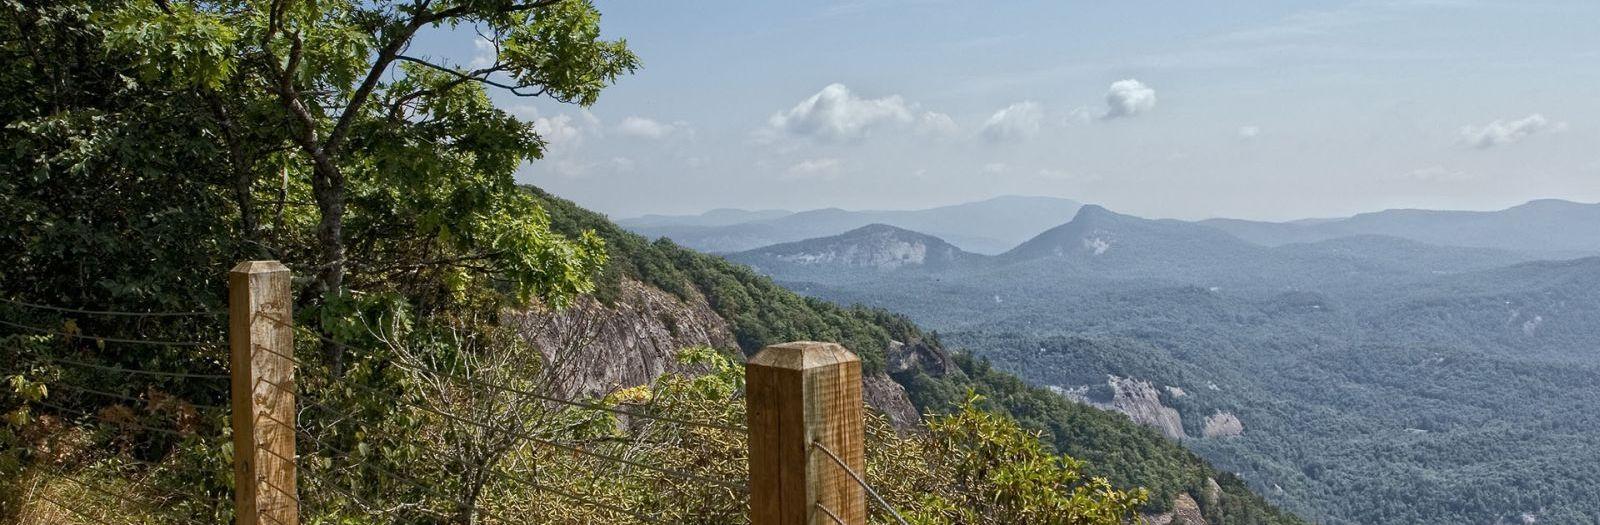 Photo of Whiteside Mountain Trail